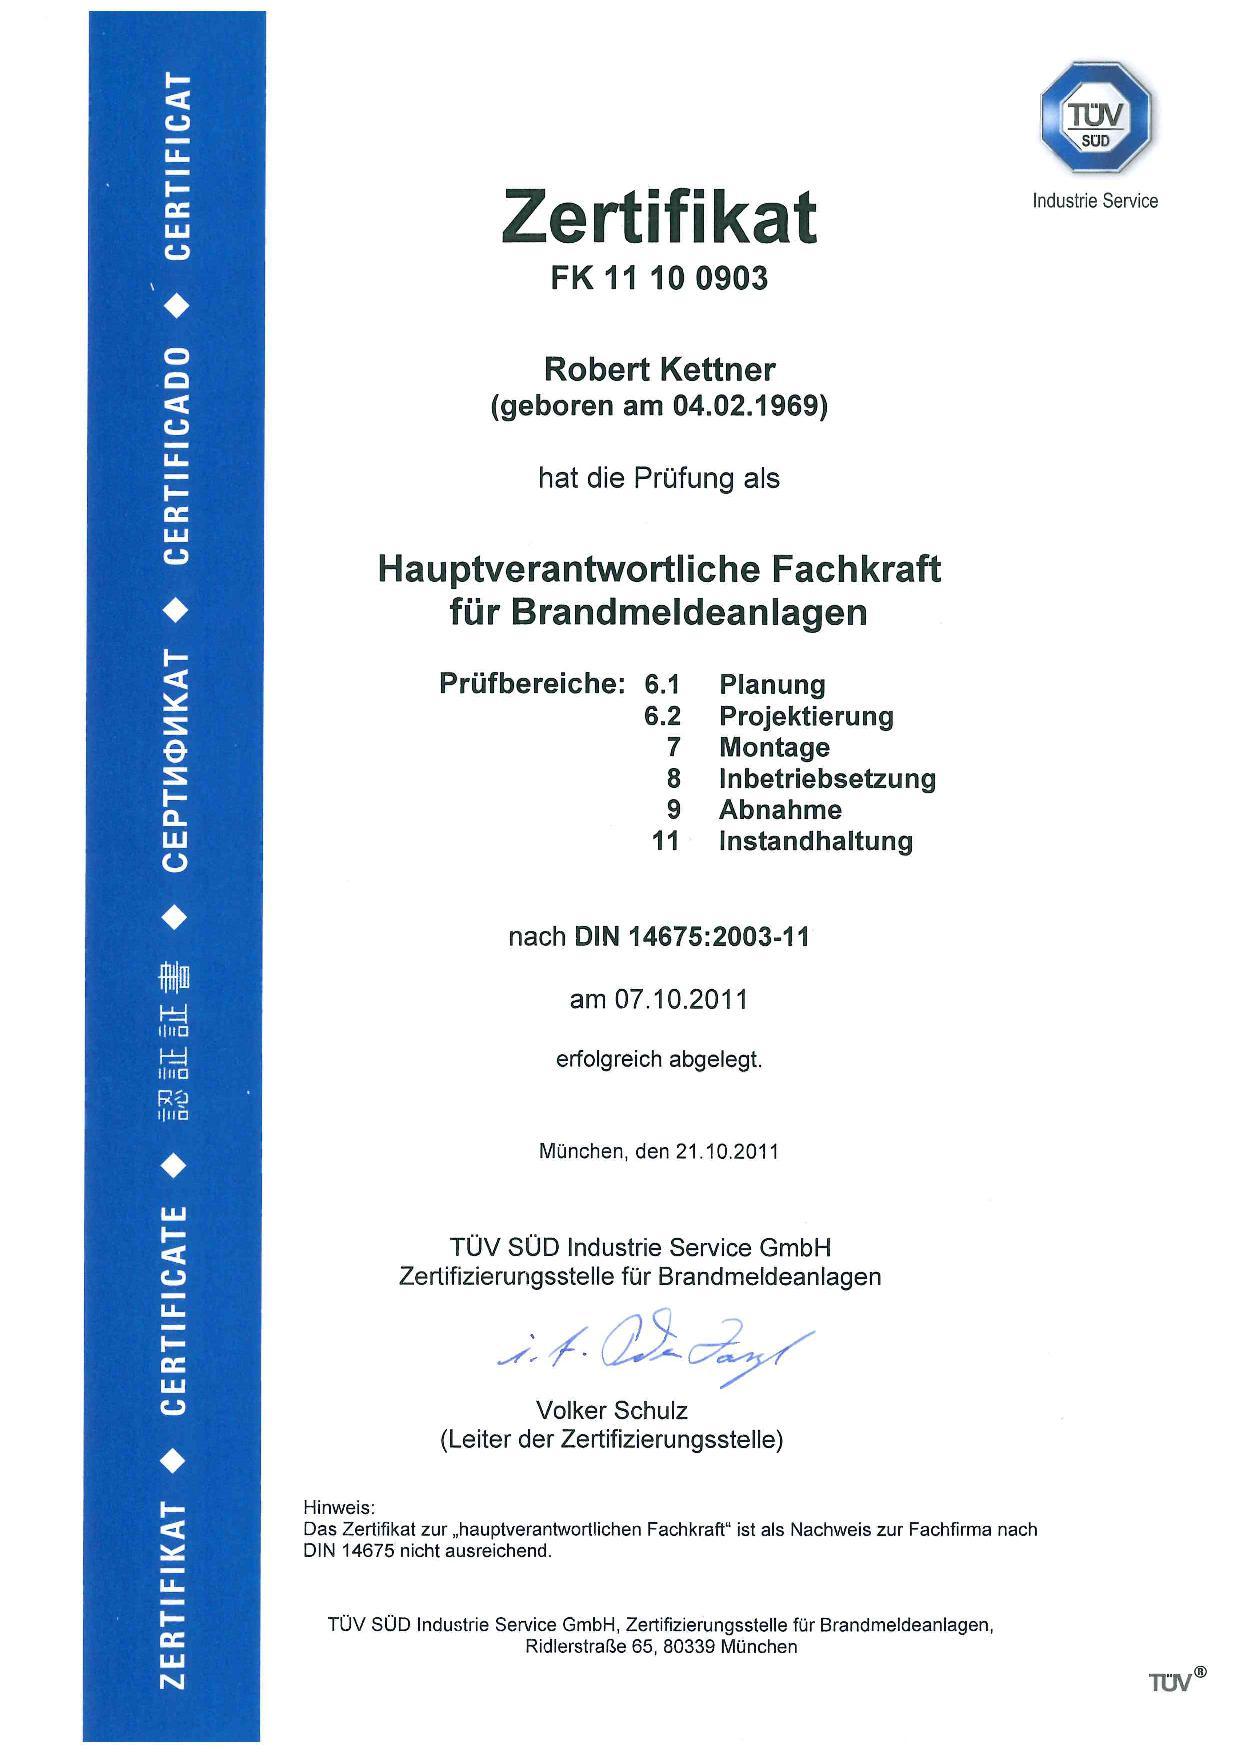 Zertifizierung Fachkraft für Brandmeldeanlagen nach DIN 14675 - Robert Kettner